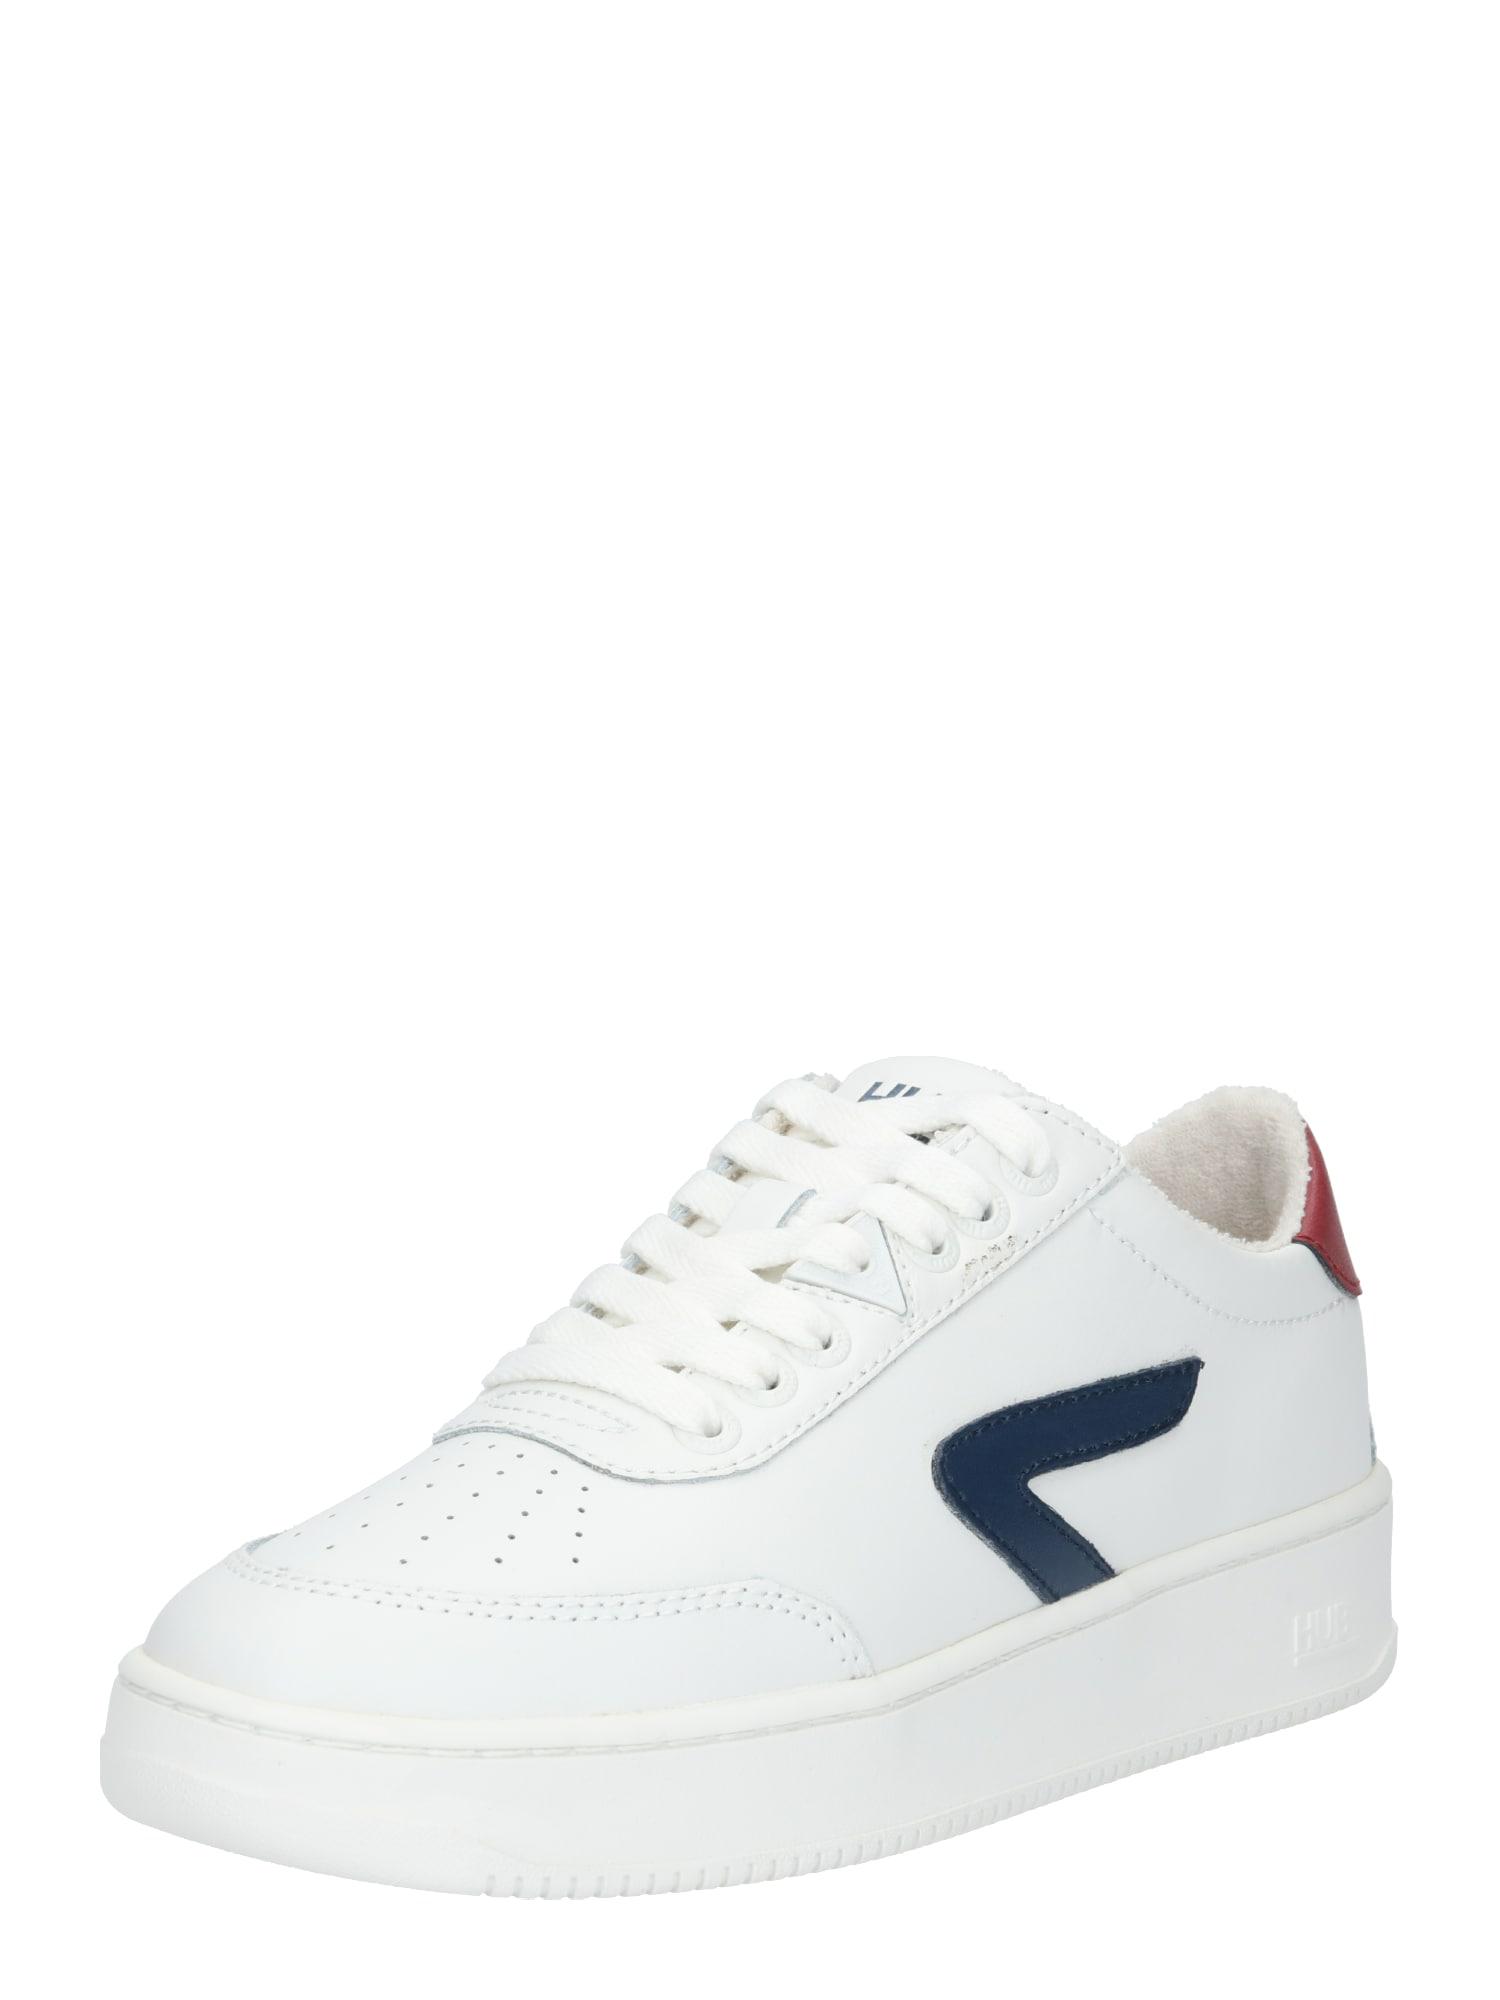 HUB Tenisky 'Baseline'  bílá / námořnická modř / červená